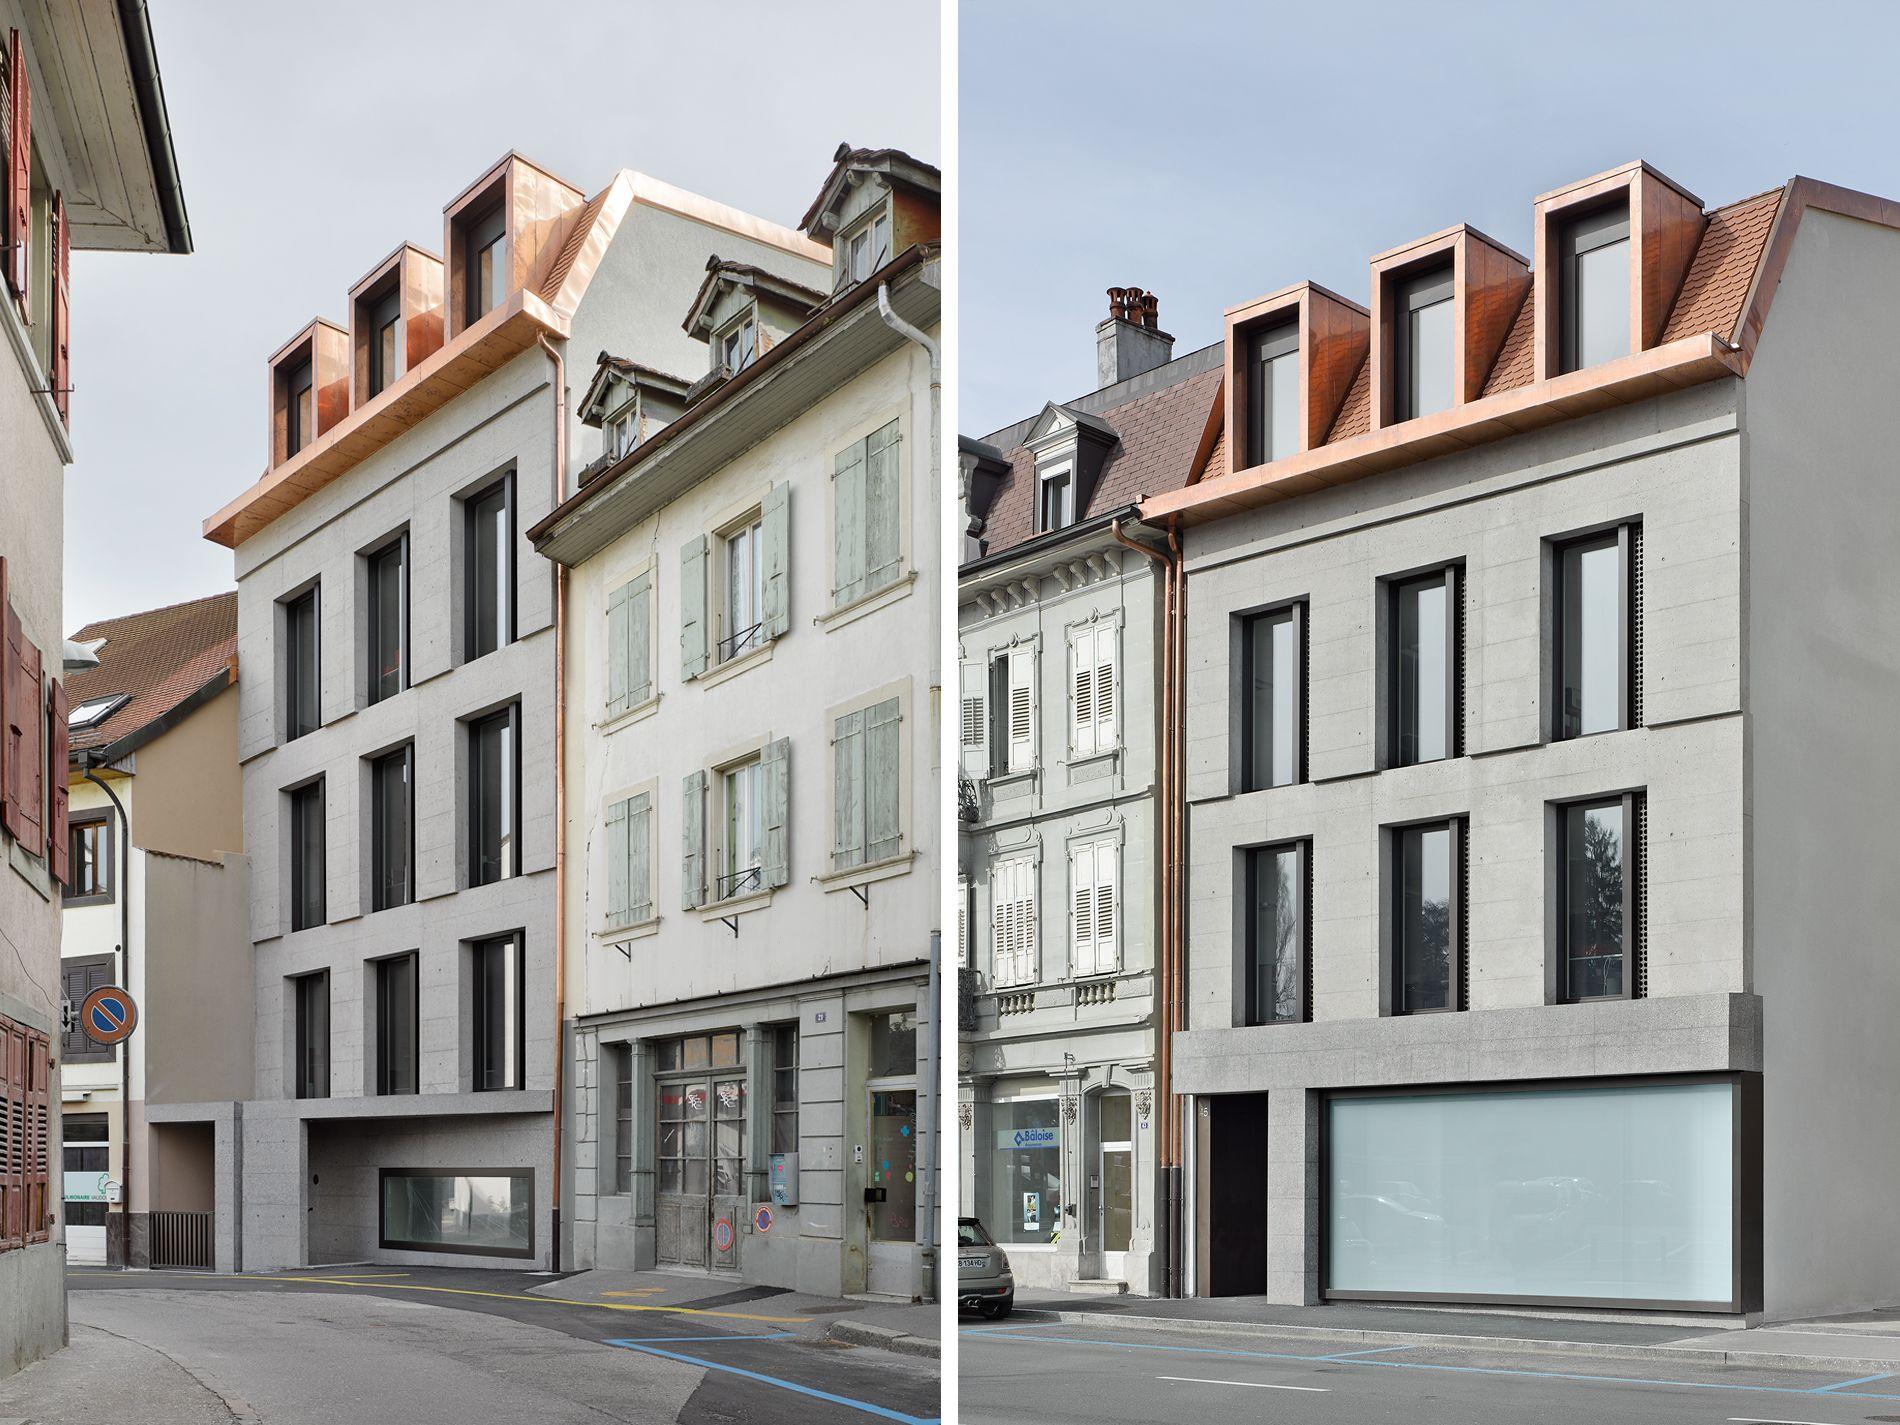 Boegli Kramp Architekten Gerichtsgebaude Best Architects 18 Alt